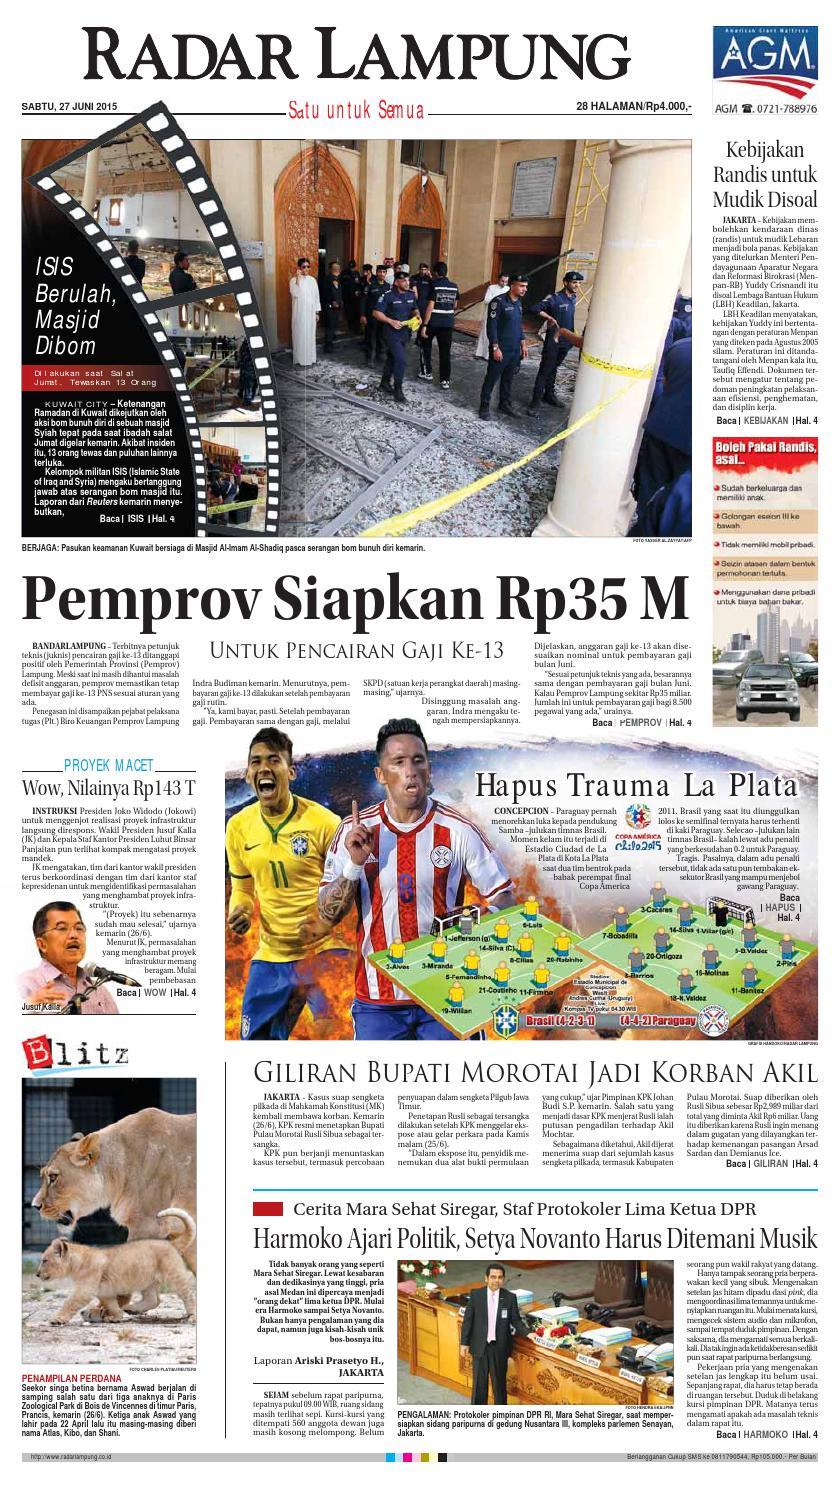 Radar Lampung Sabtu 27 Juni 2015 By Ayep Kancee Issuu Produk Ukm Bumn Jamu Kunyit Asam Seger Waras